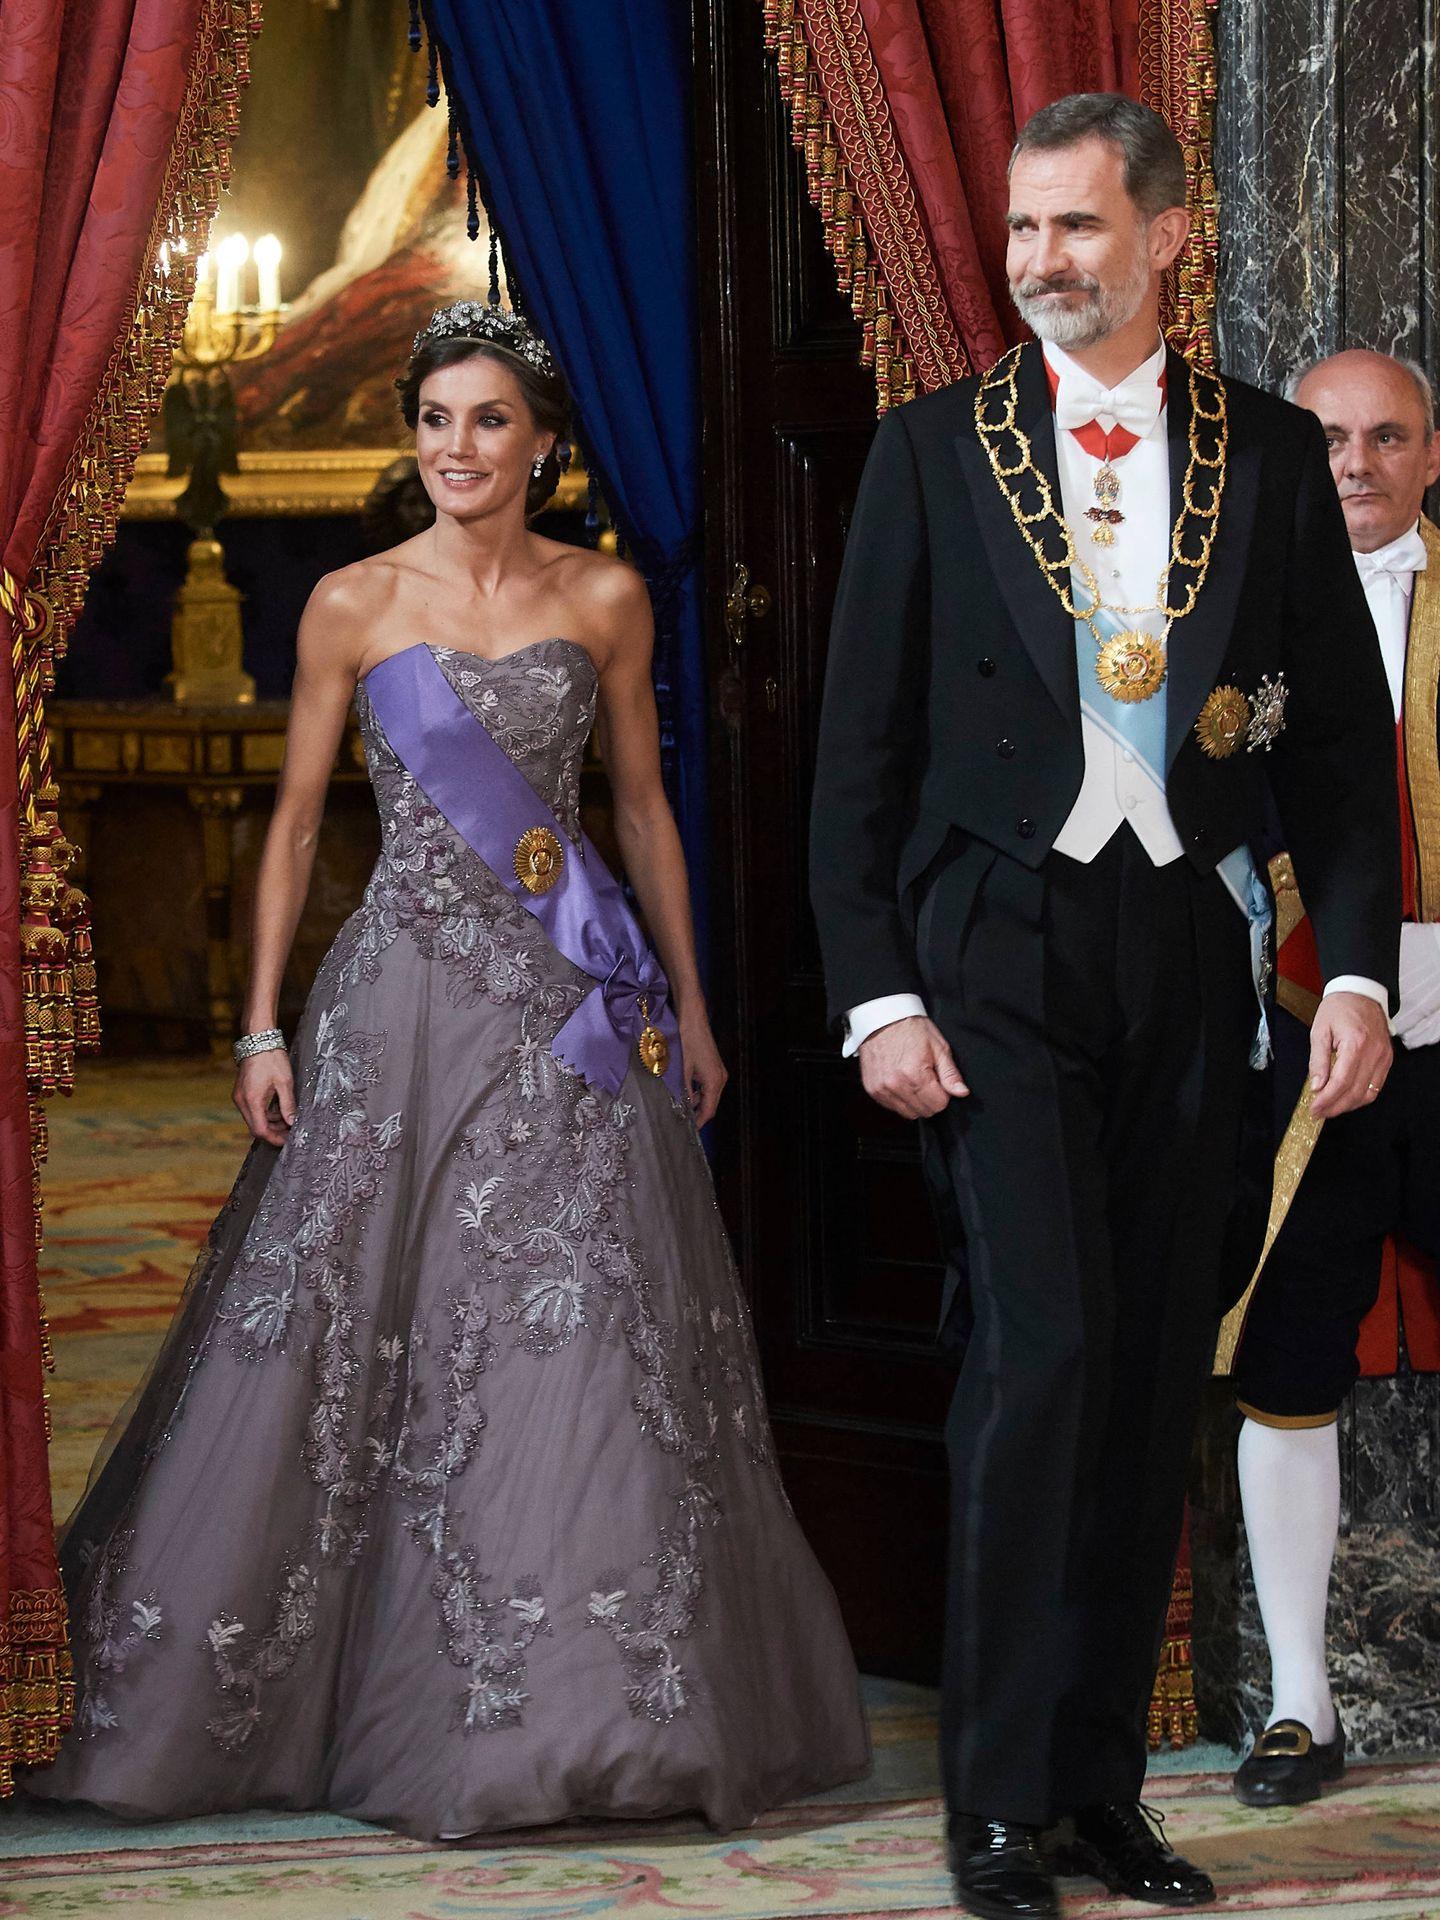 Los Reyes presiden la cena de gala en honor al presidente de Perú y su esposa. (Limited Pictures)